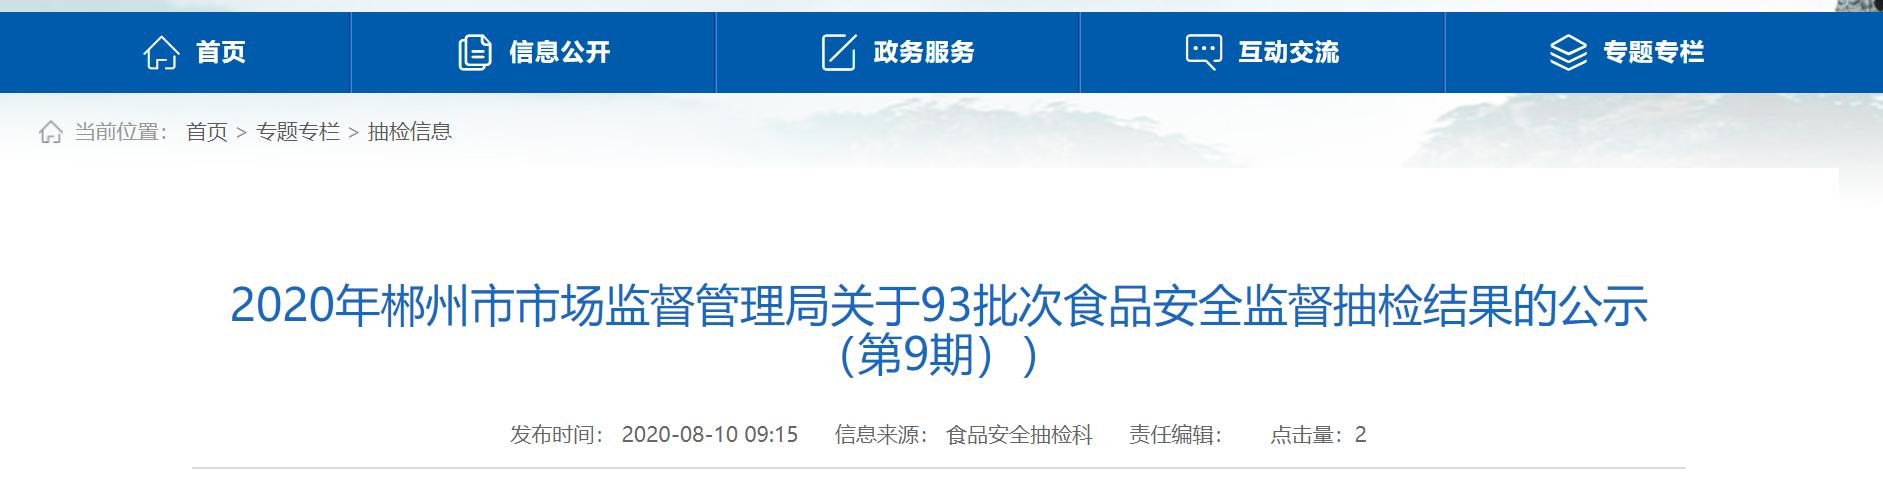 湖南郴州市市场监督管理局公布88批次食品抽检合格信息